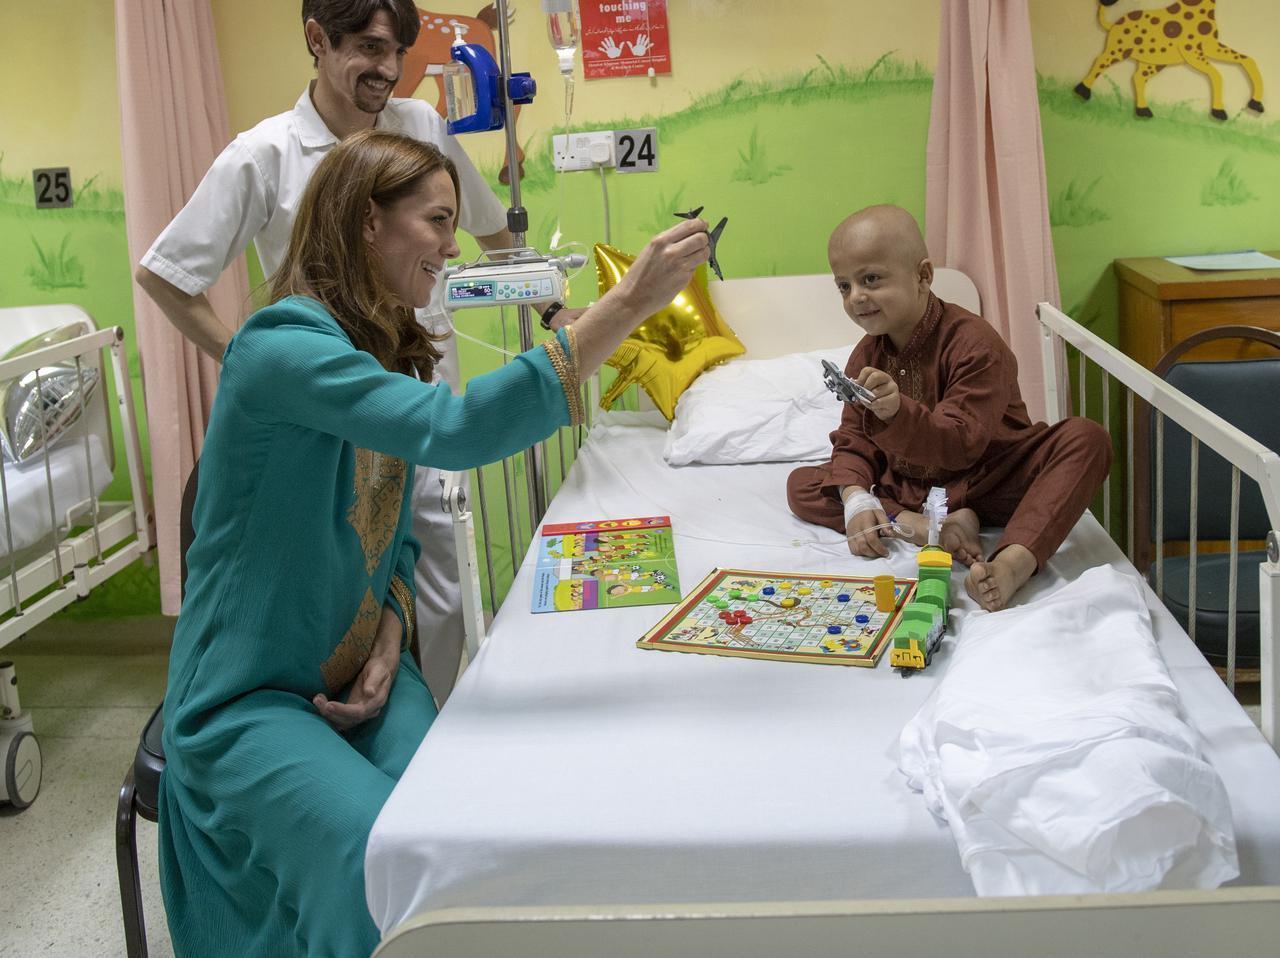 画像2: キャサリン妃がおもちゃのティアラを着用